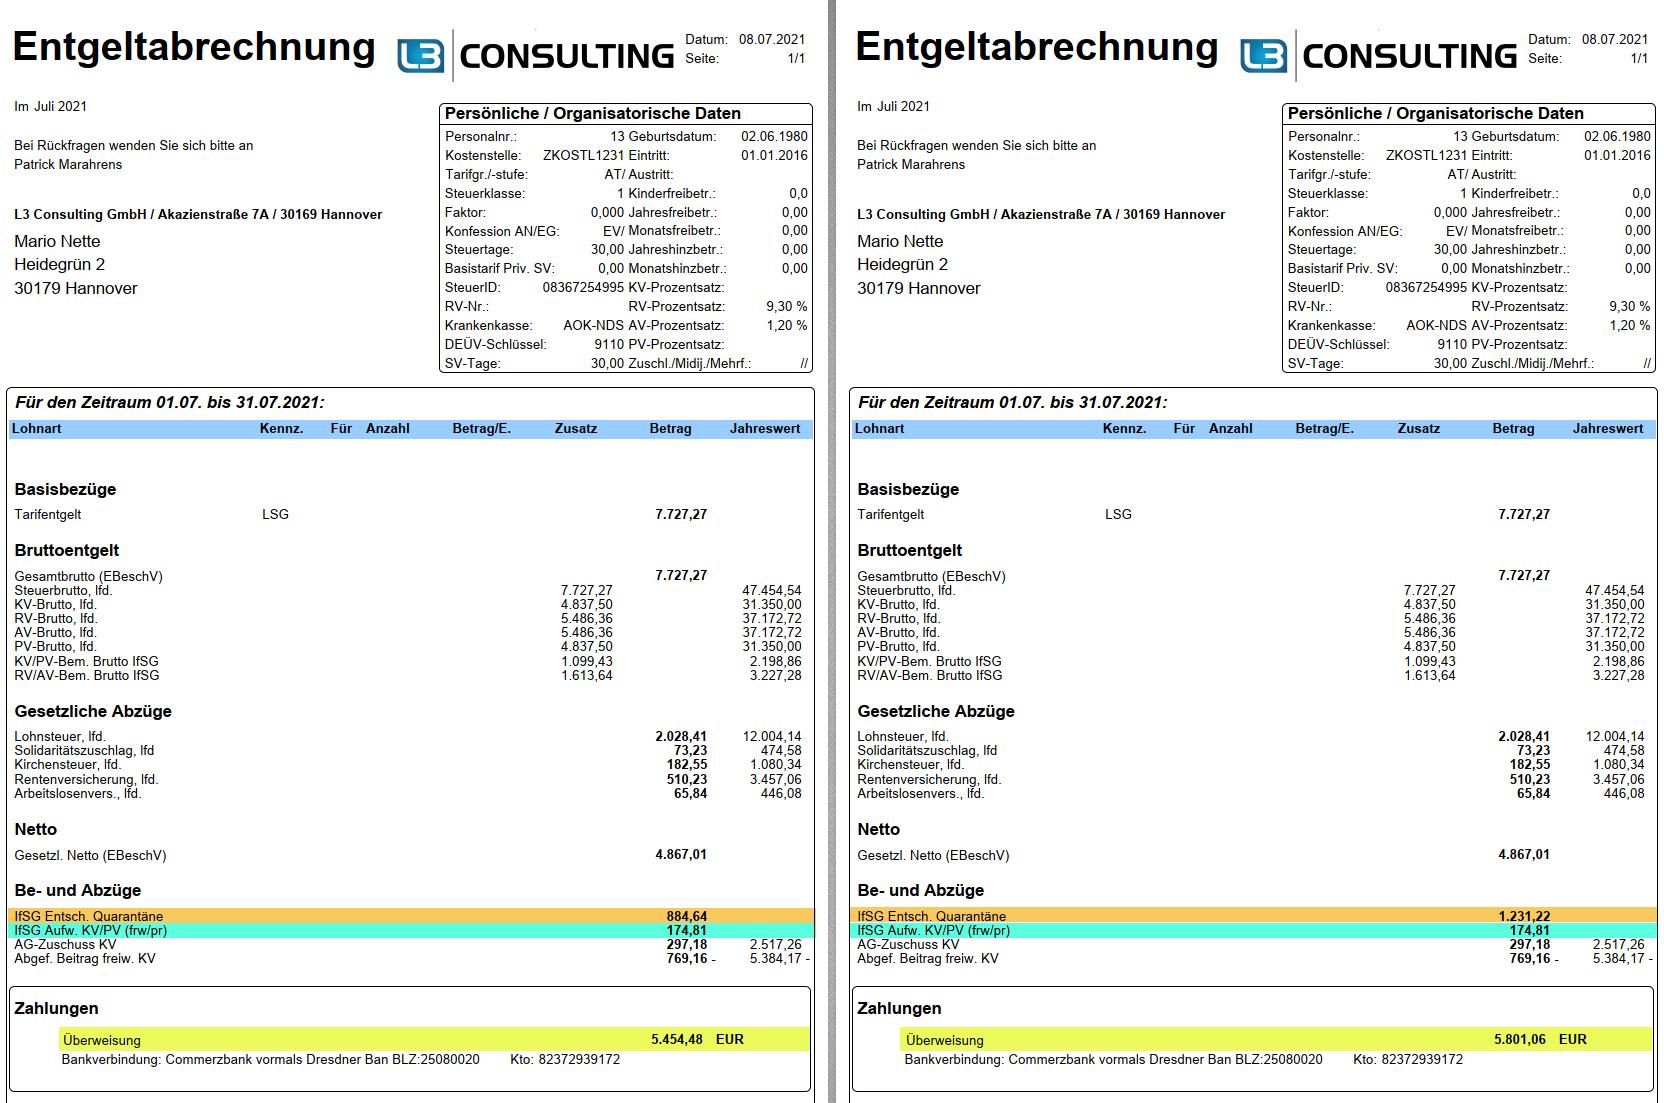 IfSG-Beispiel im SAP HCM: Entgeltnachweise mit Verdienstausfall mit tatsächlichem und pauschaliertem Netto